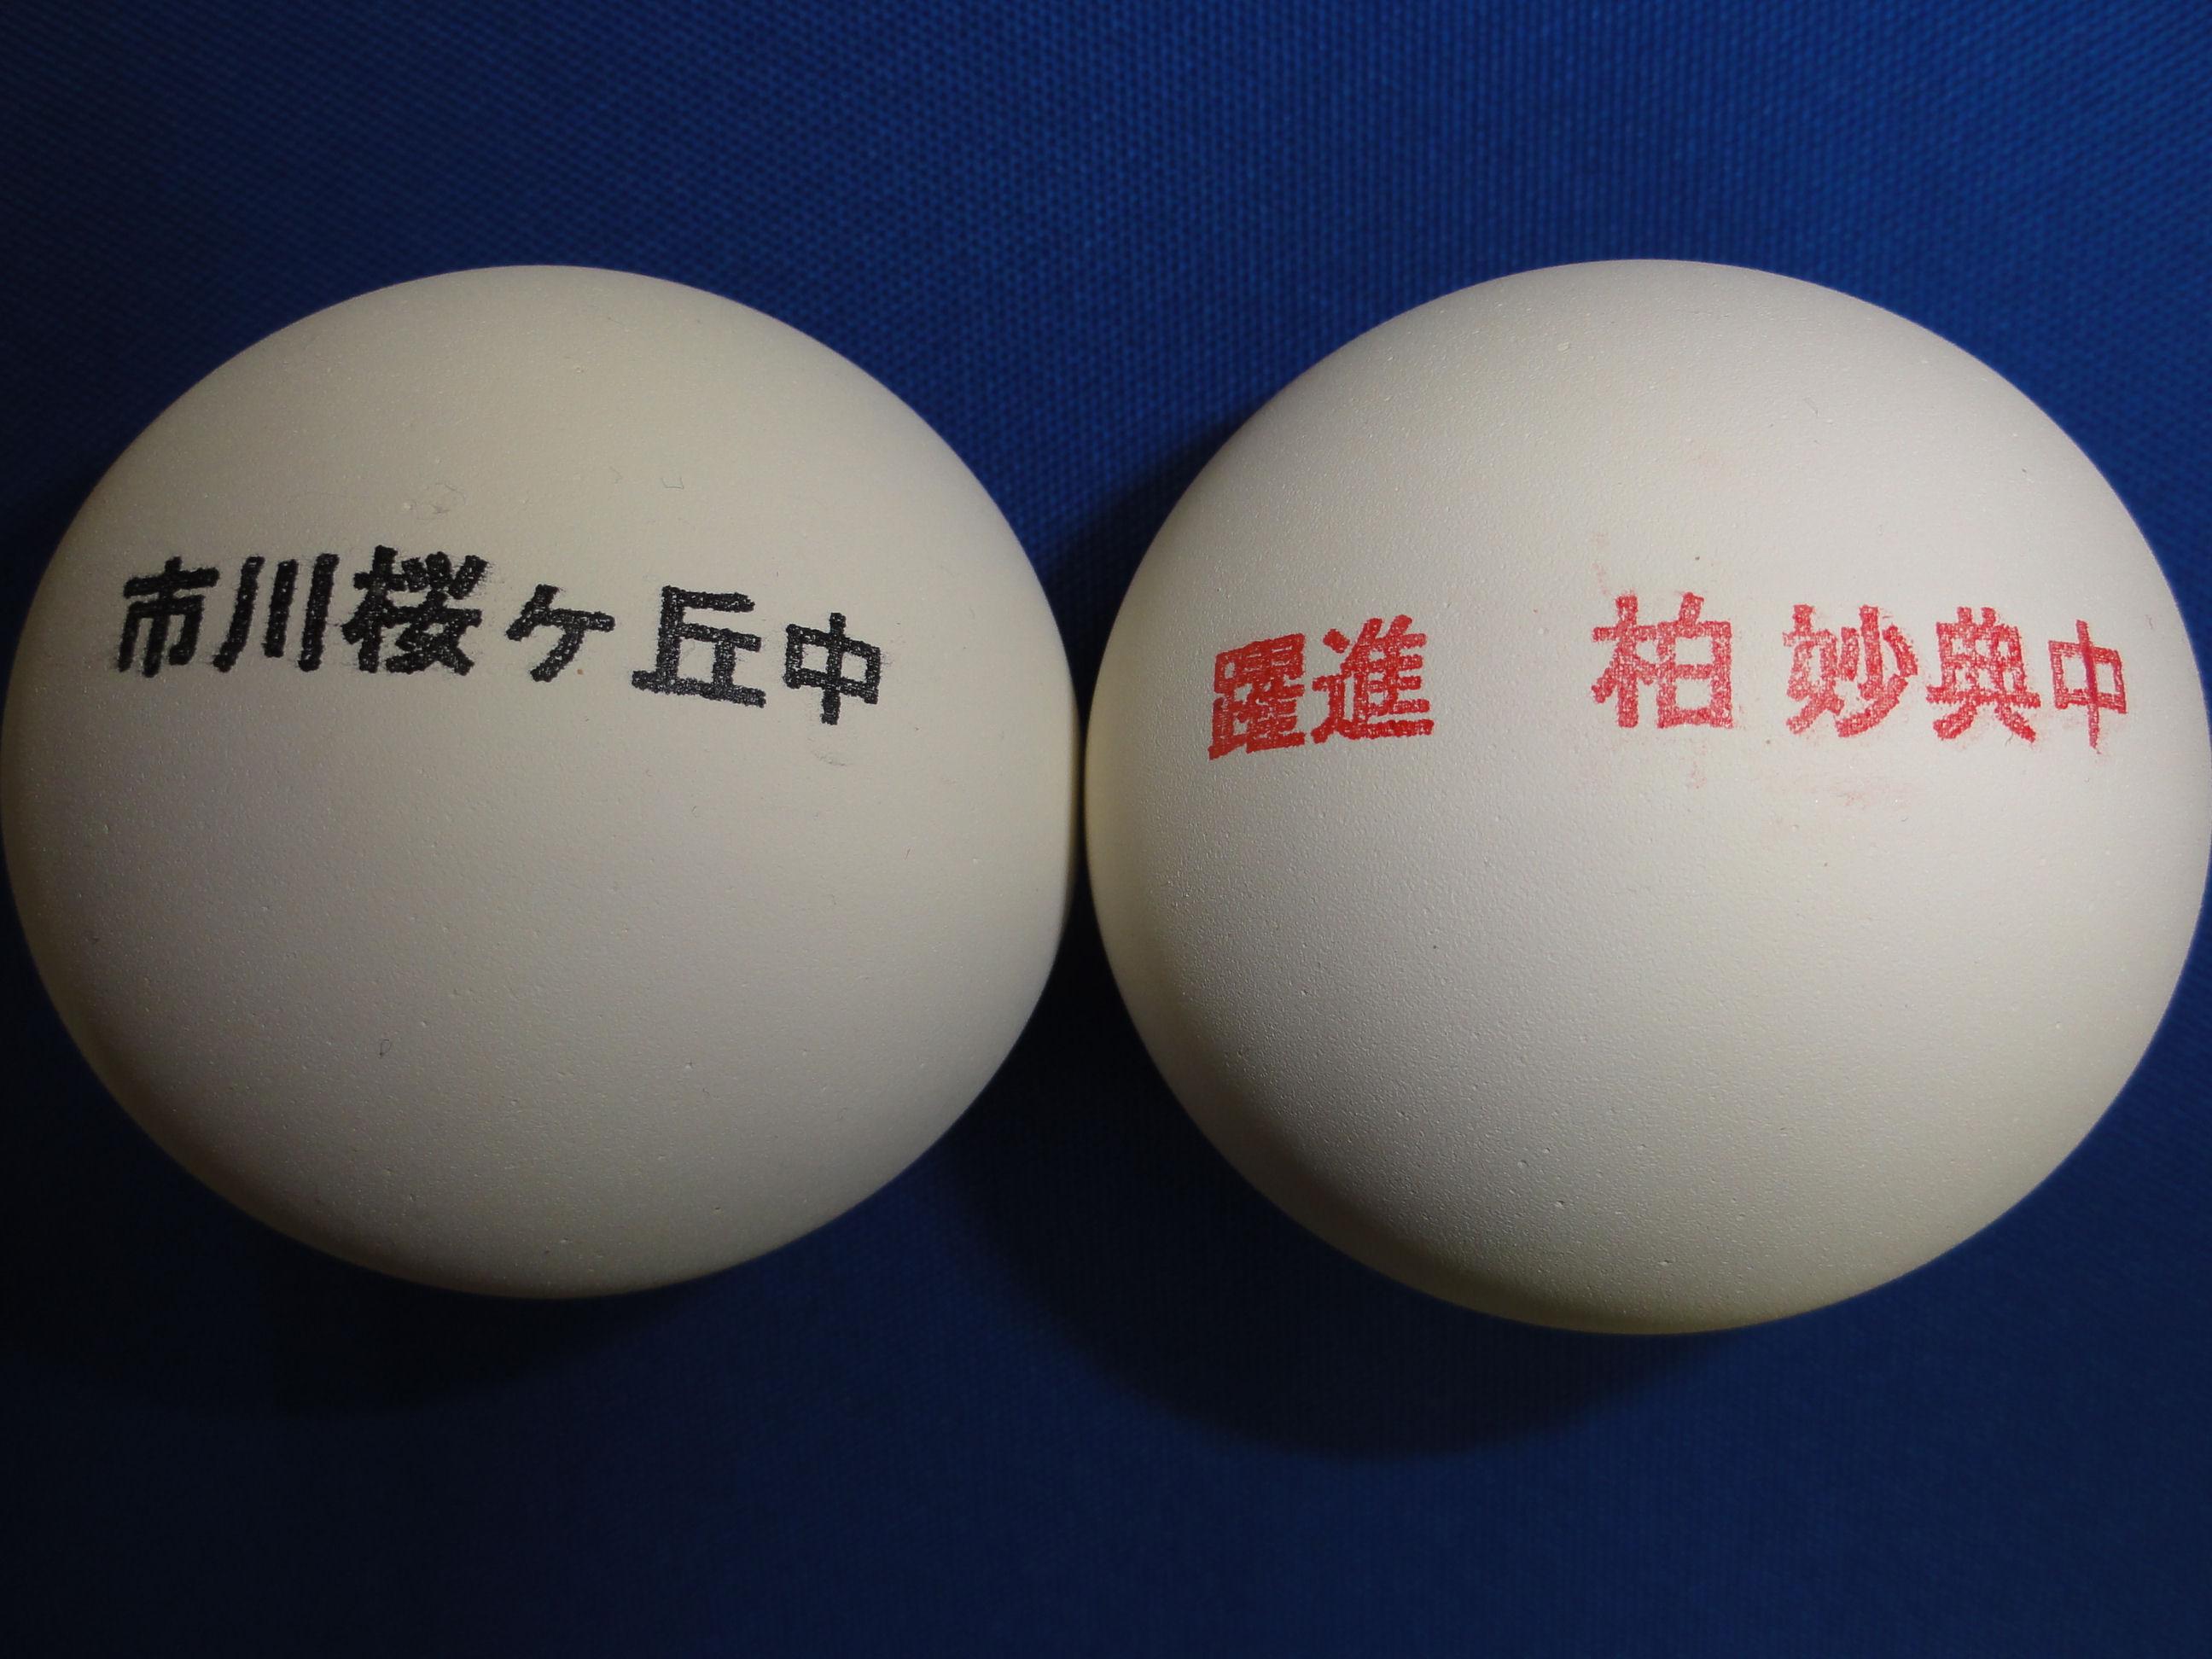 ソフトテニスボールネーム